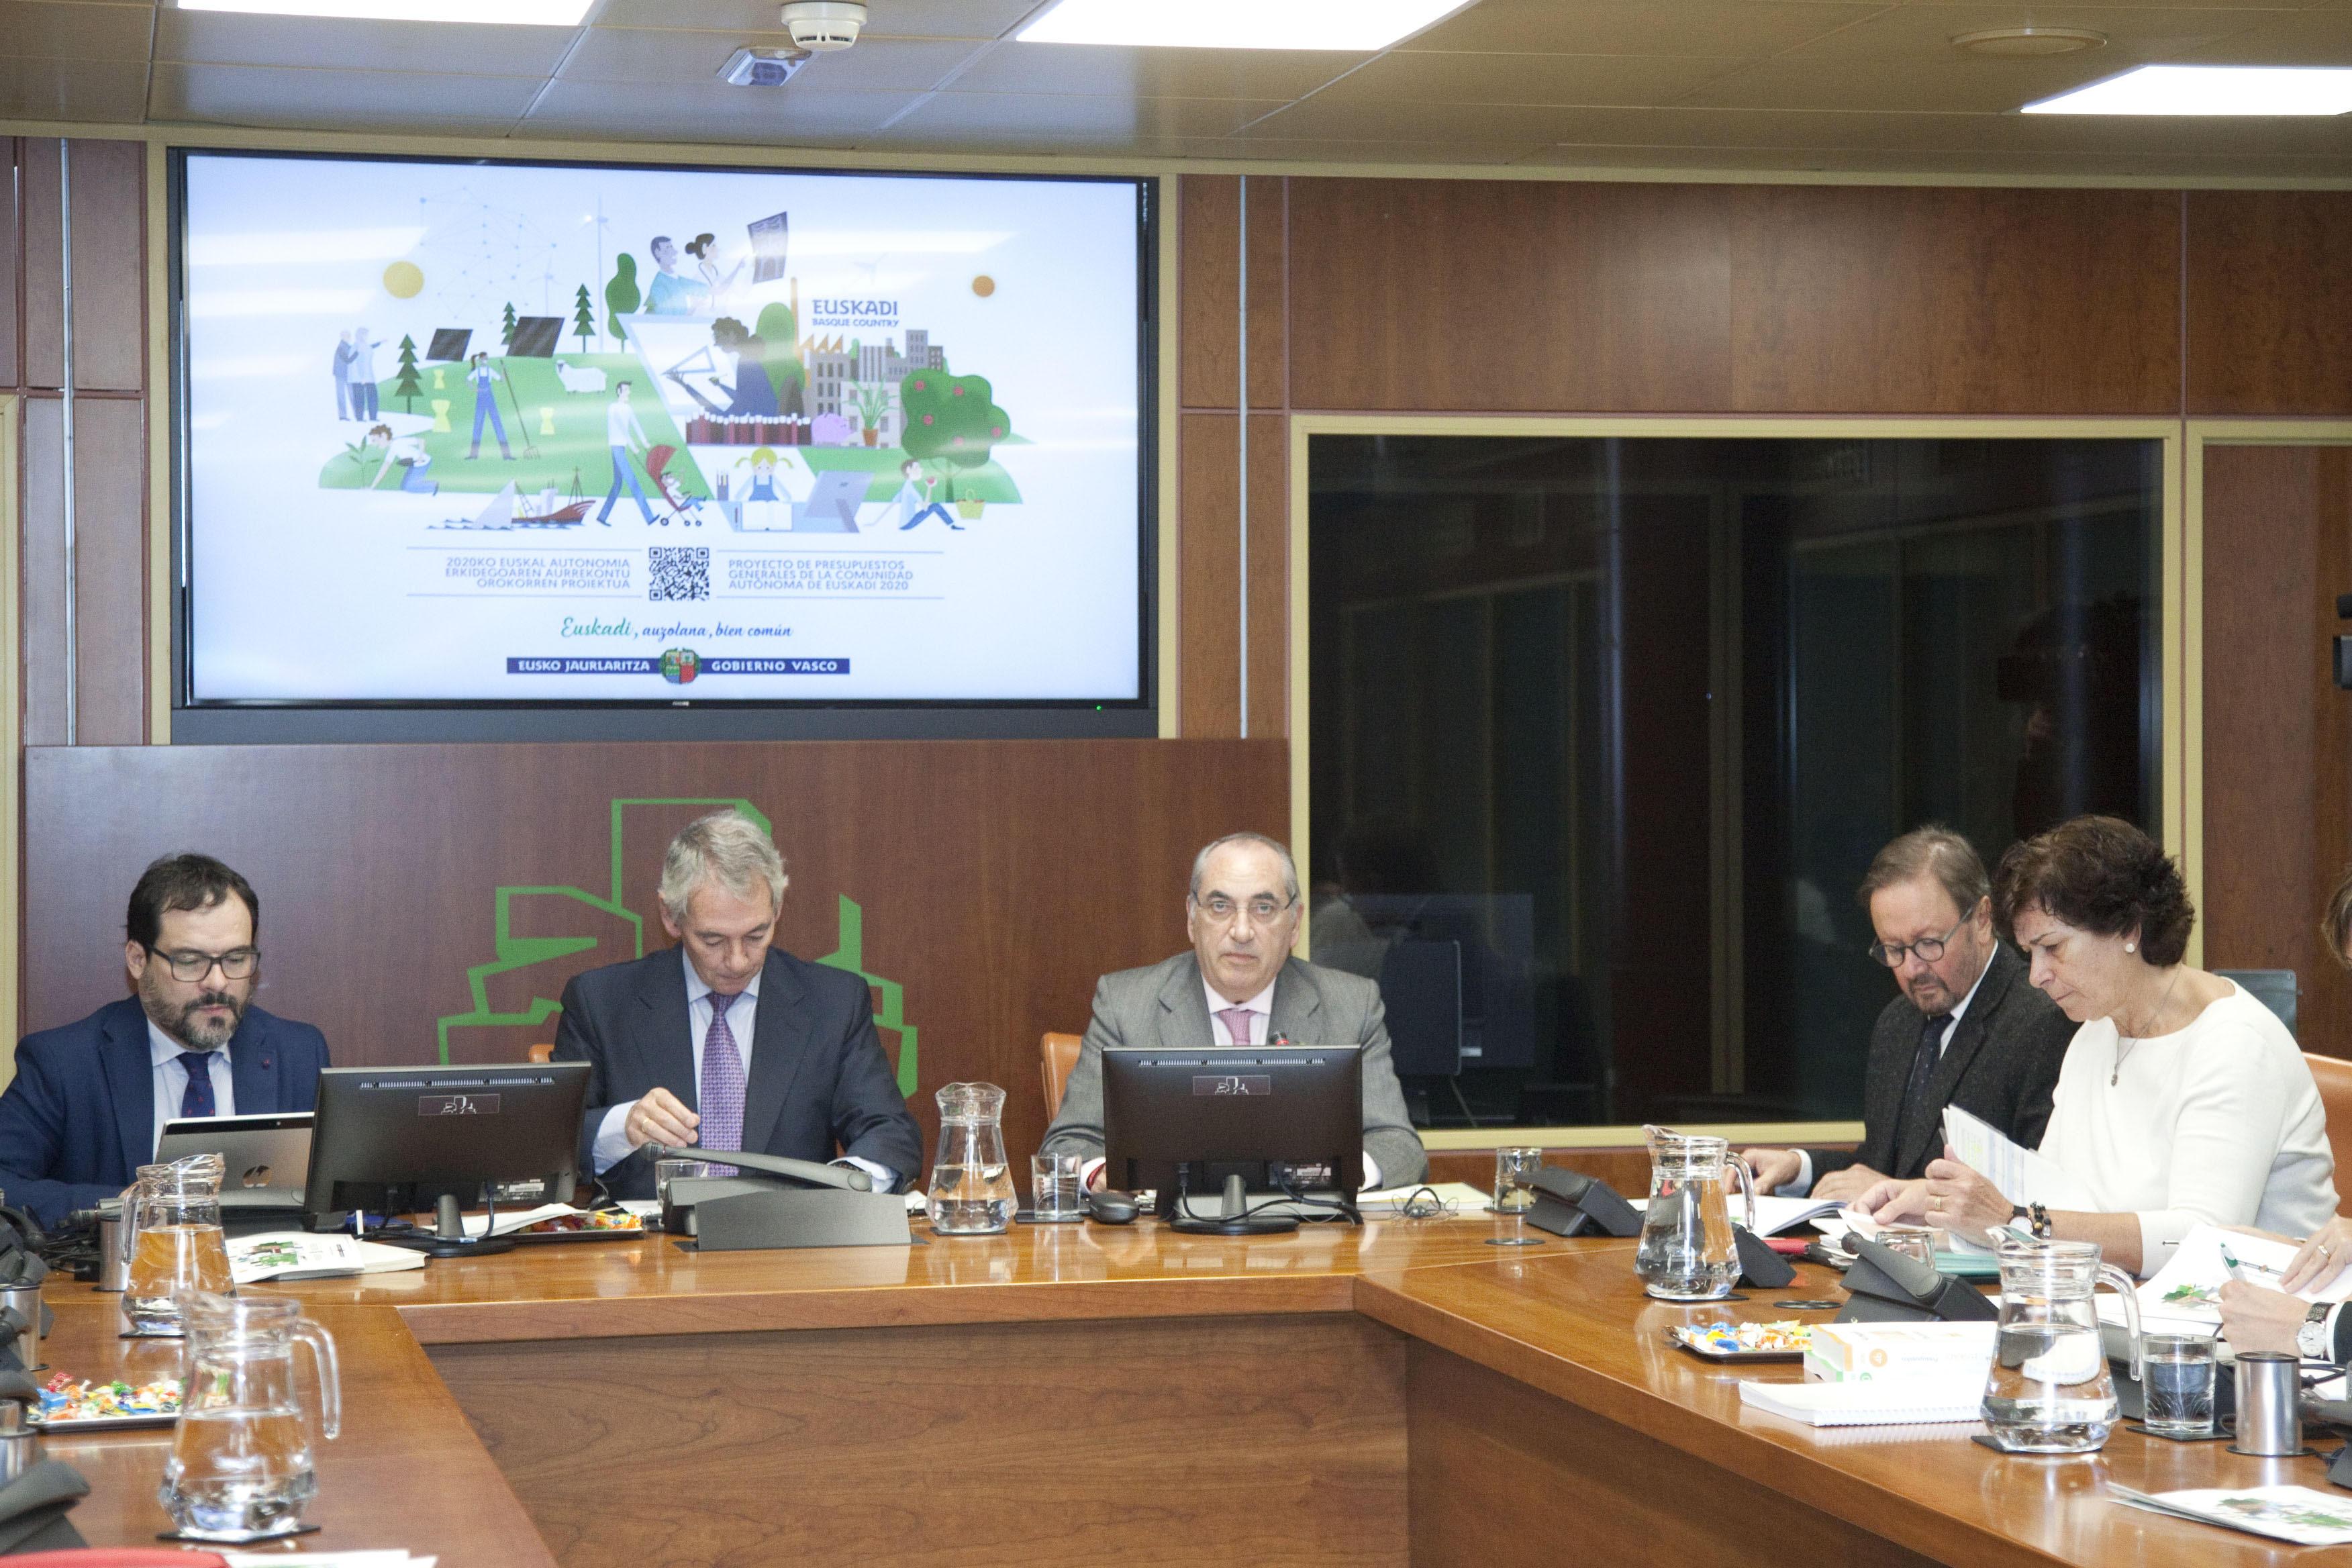 El presupuesto del Departamento de Medio Ambiente, Planificación Territorial y Vivienda se incrementa un 5,7% y cuenta este año con 236,12 millones de euros